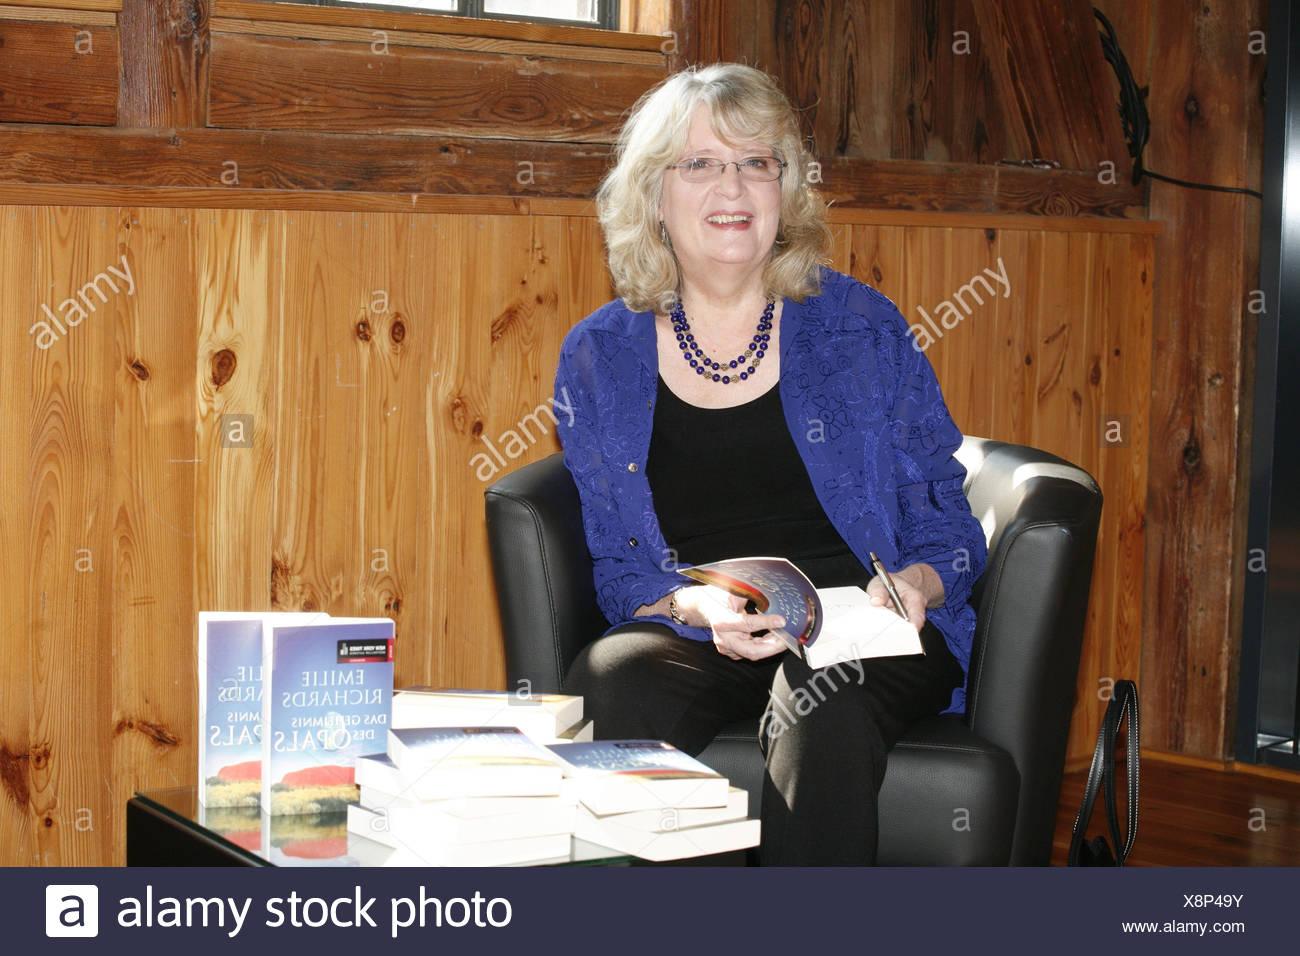 """Richards, Emilie, écrivain américain / auteur / scénariste, demi-longueur, photocall à la série """"ZDF TV Emilie Richards', Hambourg, Allemagne, 22.3.2011, Additional-Rights-Jeux-NA Photo Stock"""